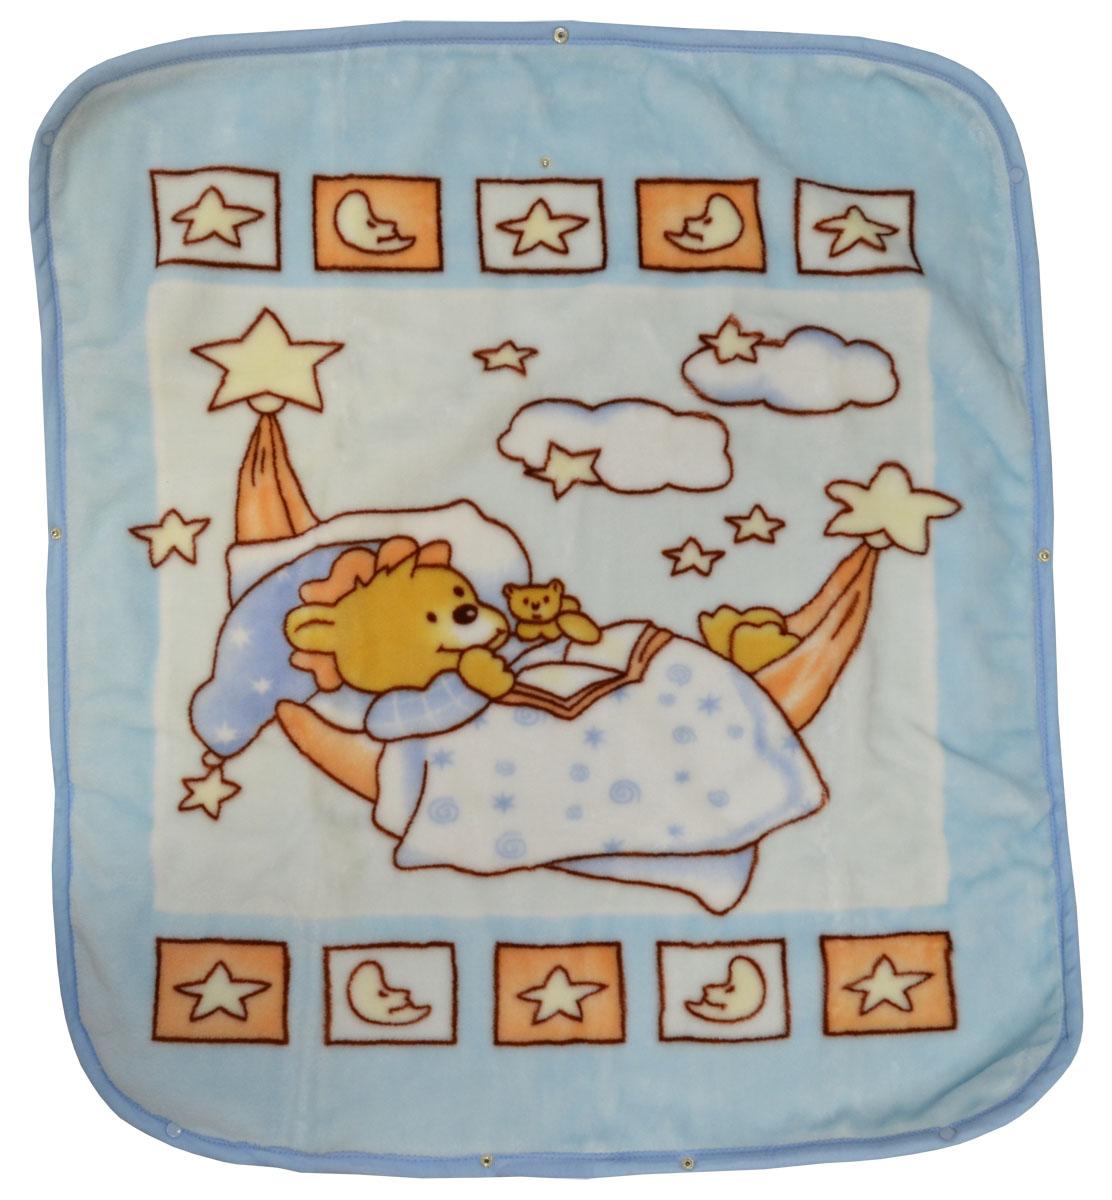 Плед-накидка для младенцев 80Х90 см коралфлис голубой10503Защита, тепло и комфорт для малышей - использован надёжный, качественный и мягкий материал! Удобство и спокойствие для родителей обеспечивается универсальностью пледа-накидки, конструкция которого позволяет ему легко превращаться в конвертик. Отличное качество и практичность! Любите своего ребёнка и дарите ему лучшее!